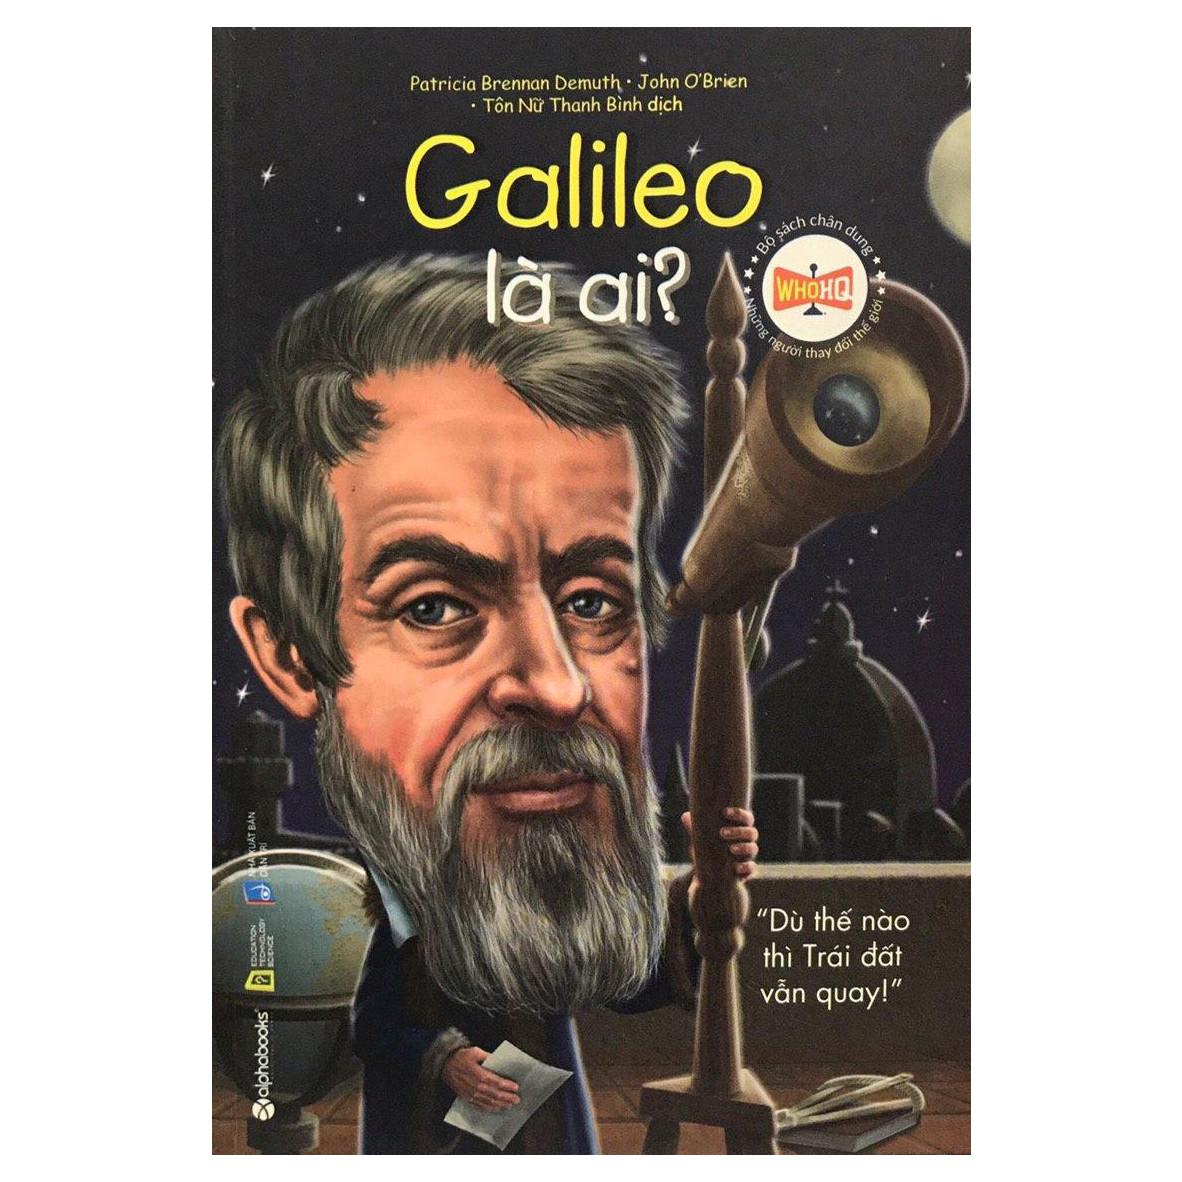 Bộ Sách Chân Dung Những Người Làm Thay Đổi Thế Giới – Galileo Galilei Là Ai? (Tái Bản 2018)